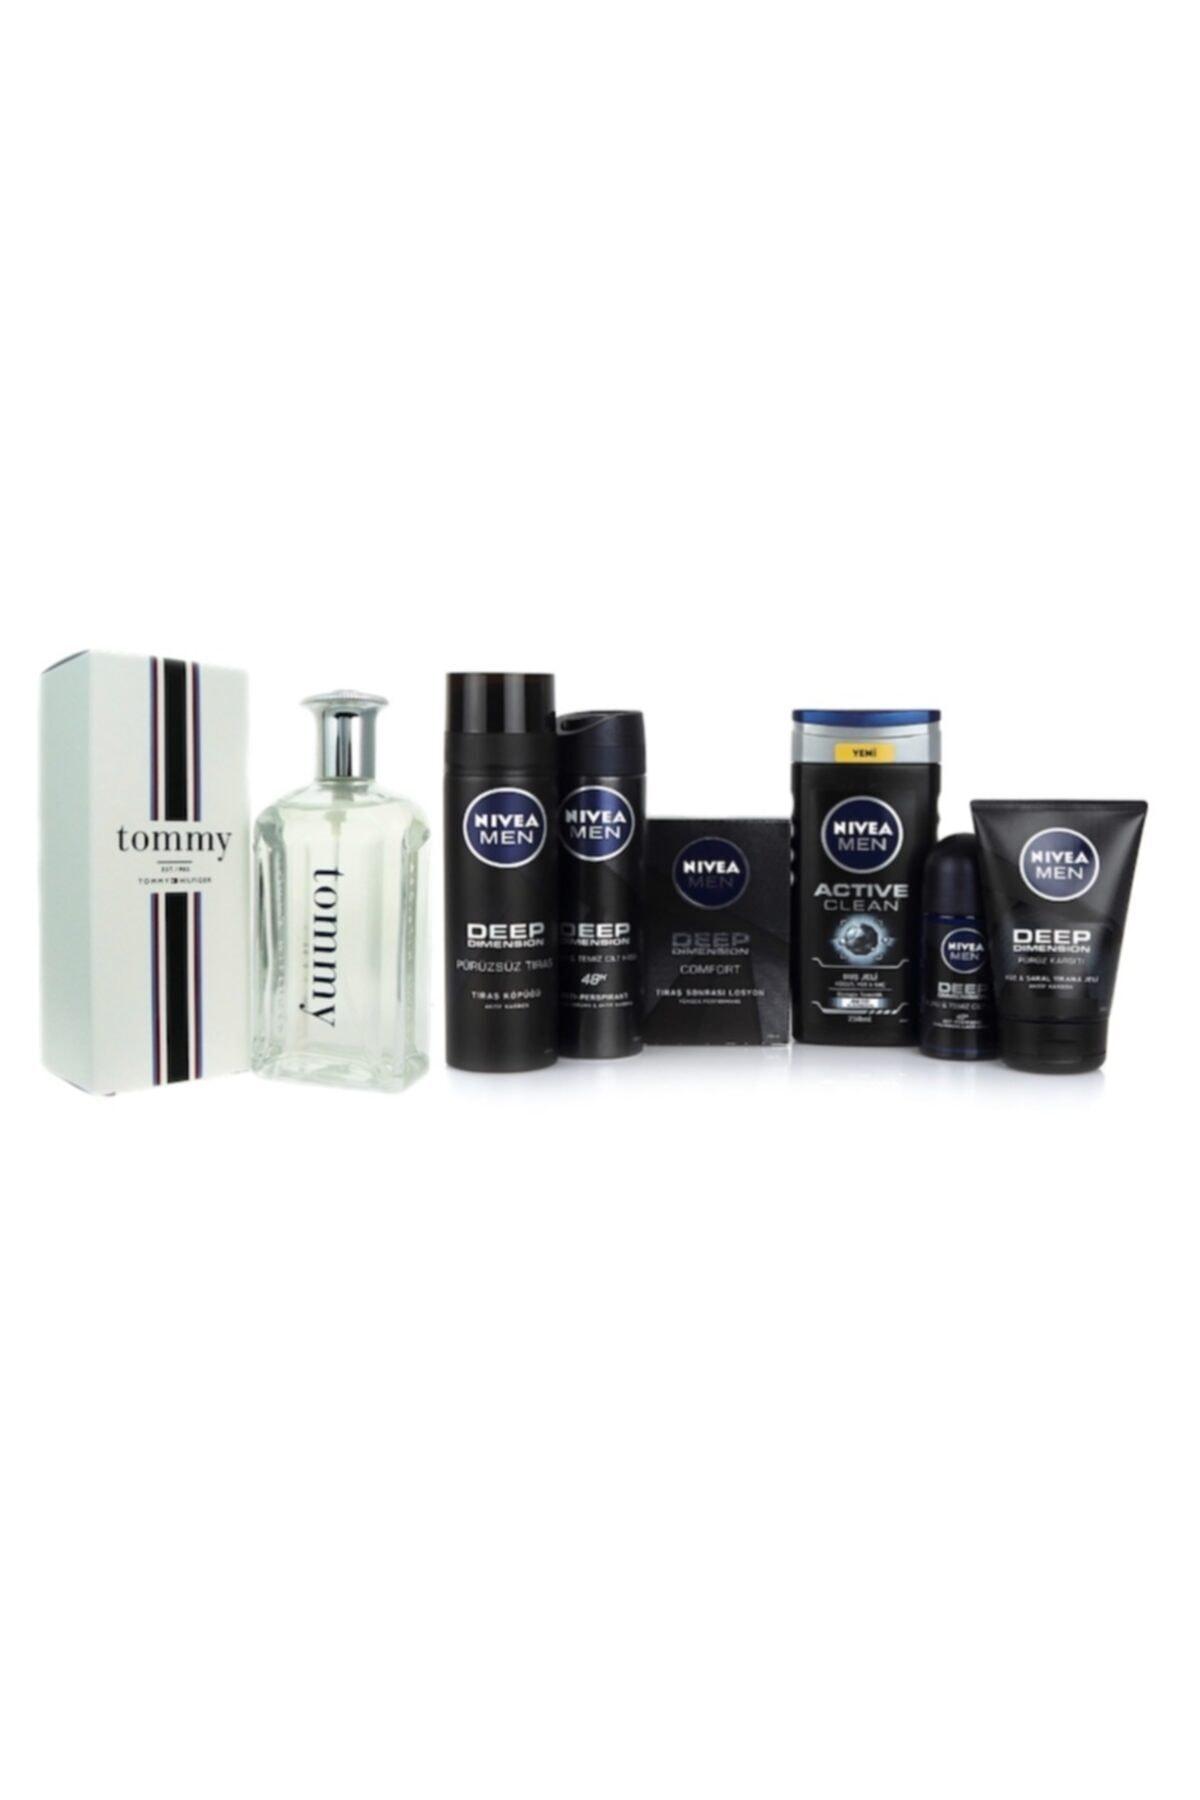 Tommy Hilfiger Perfume Erkek Cilt Bakım Seti + Tommy Hilfiger 100 Ml Edt Erkek Parfümü 1